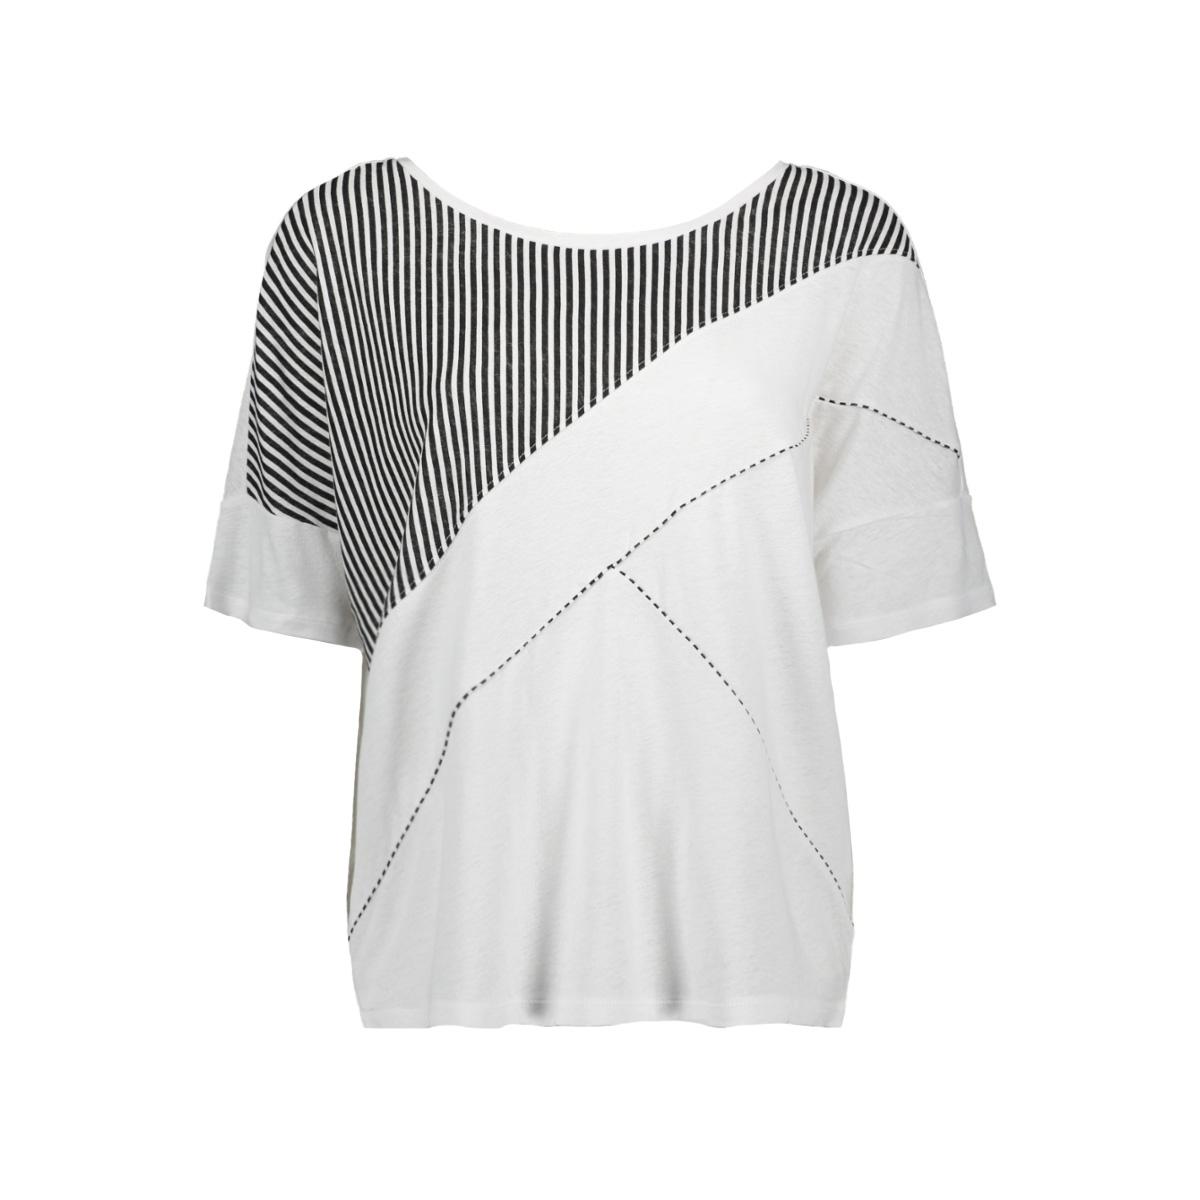 gestreept t shirt 21101673 sandwich t-shirt 10058